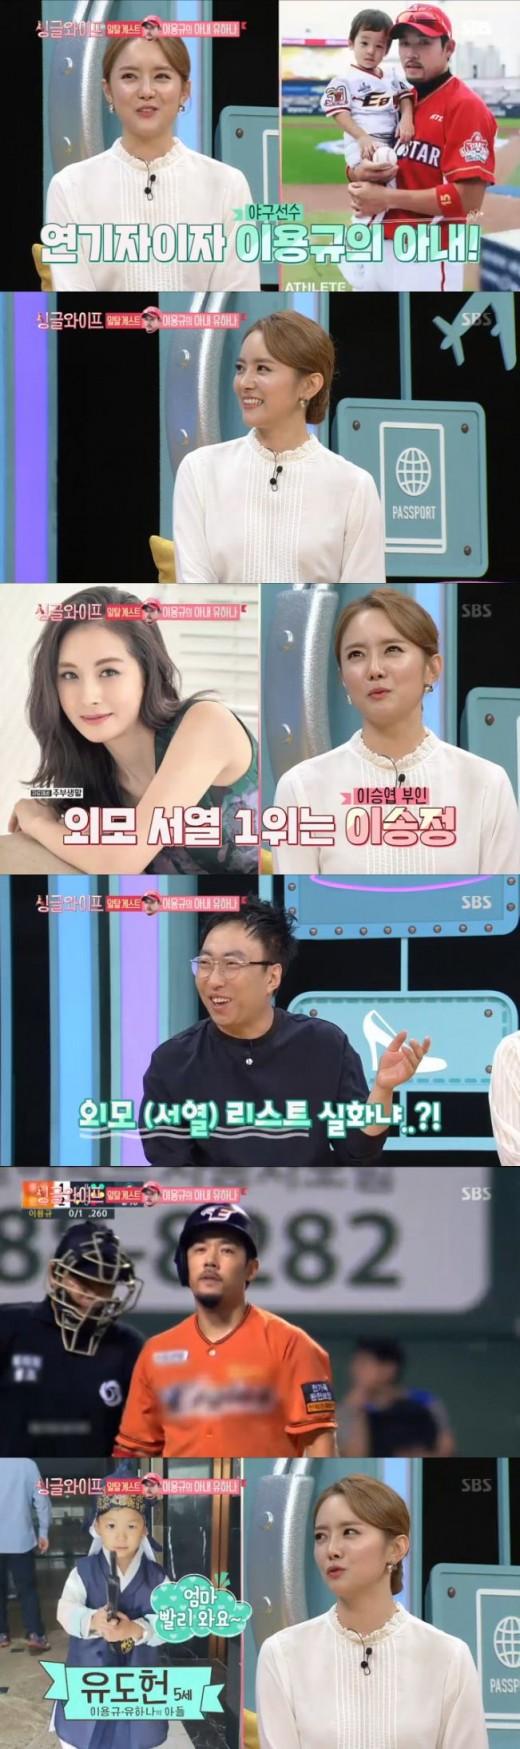 """'싱글와이프' 유하나 """"야구 부인 외모 TOP3…1위는 이승엽 부인""""_이미지"""